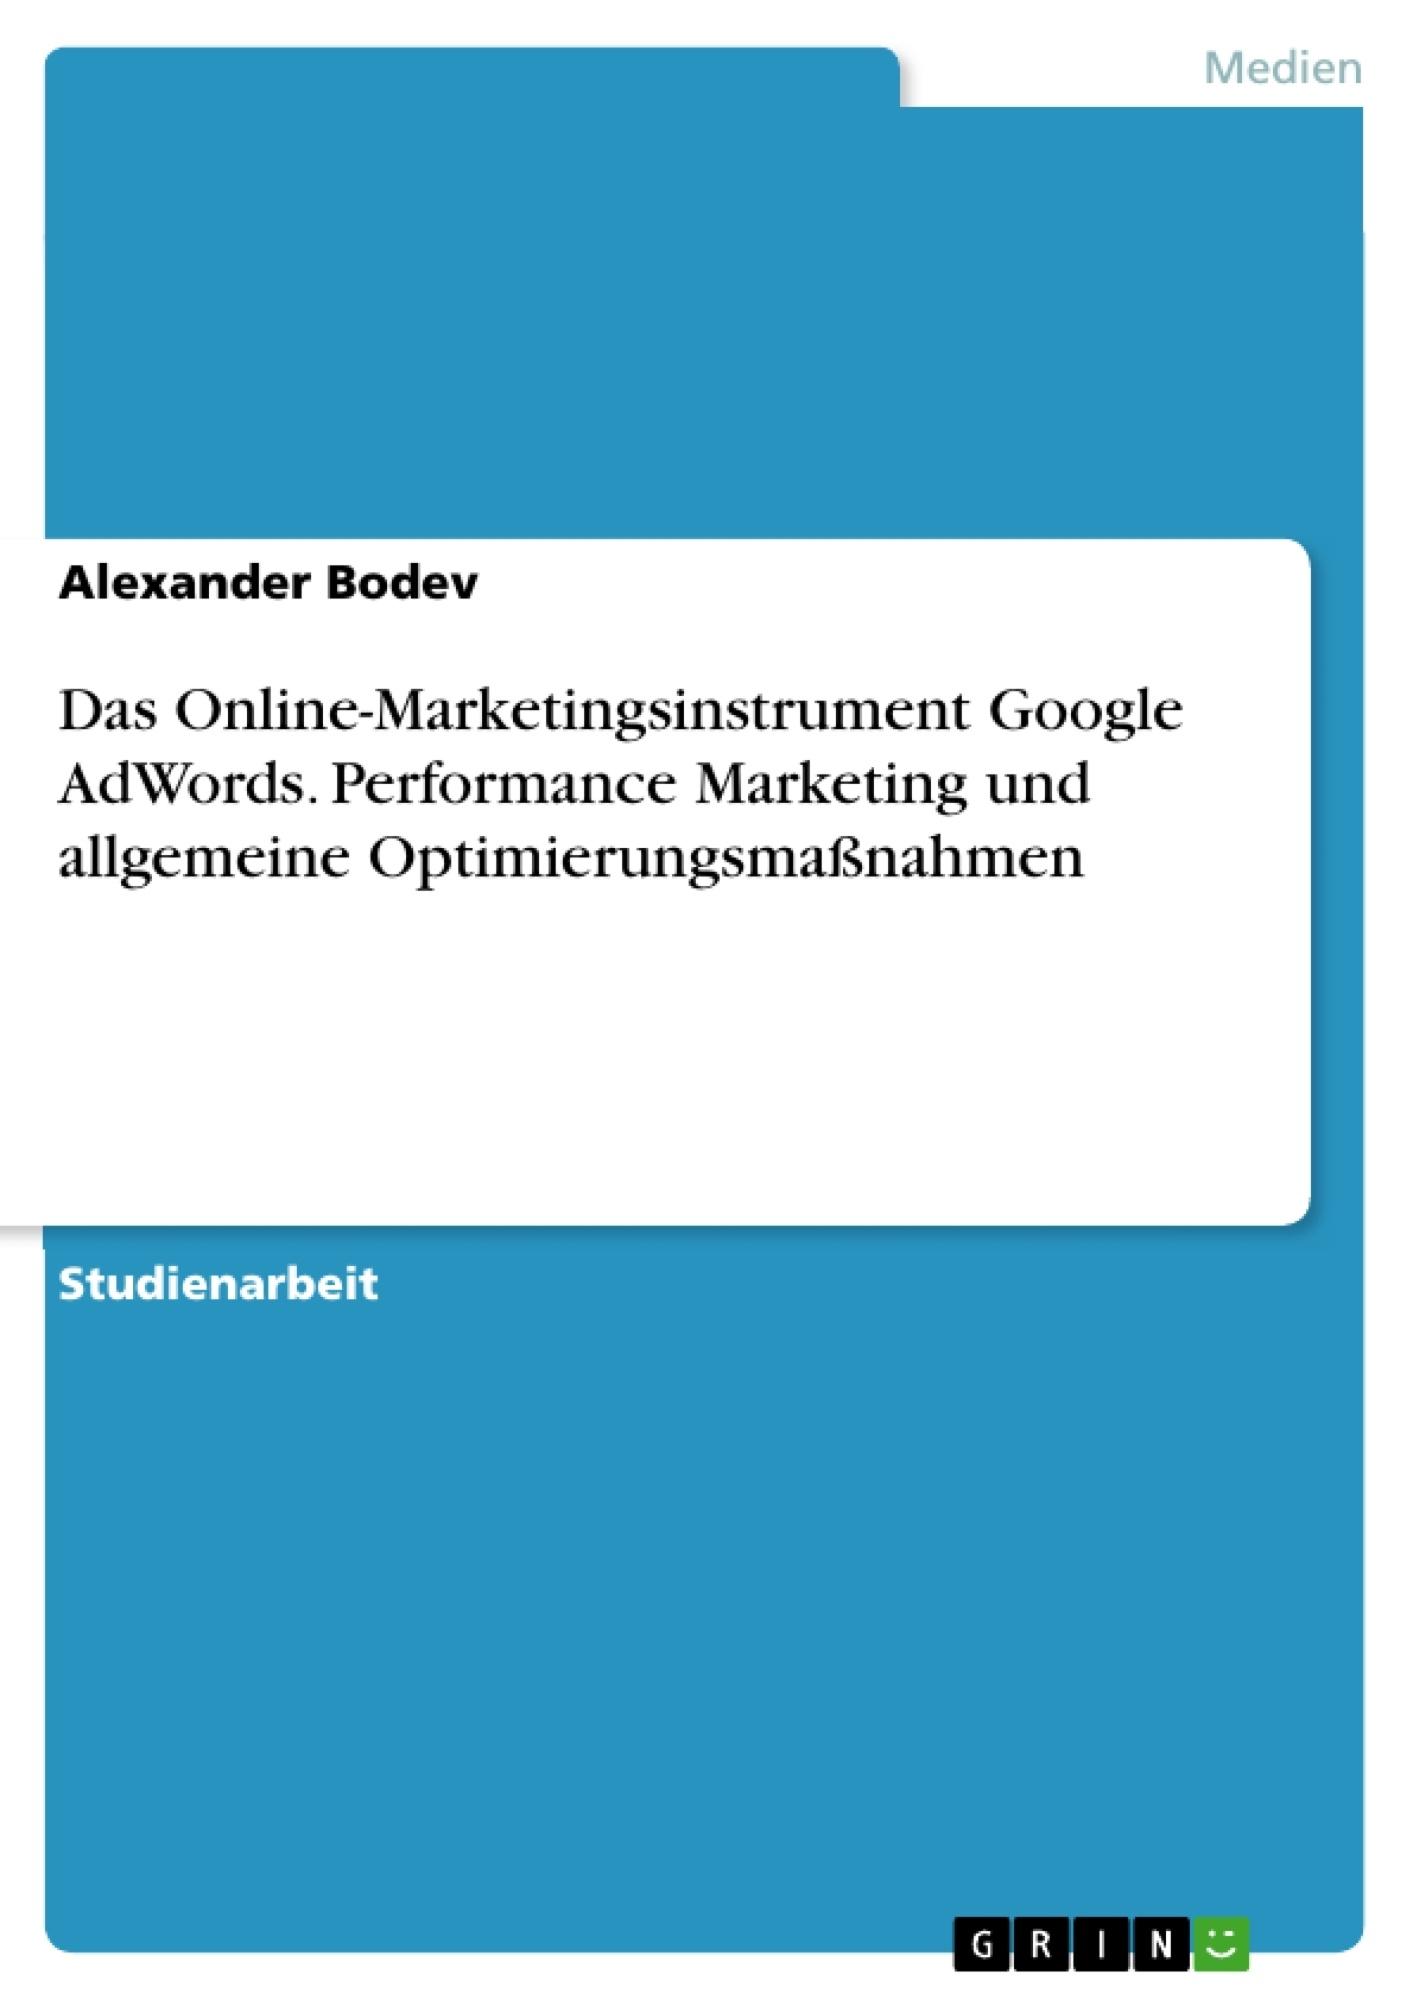 Titel: Das Online-Marketingsinstrument Google AdWords. Performance Marketing und allgemeine Optimierungsmaßnahmen